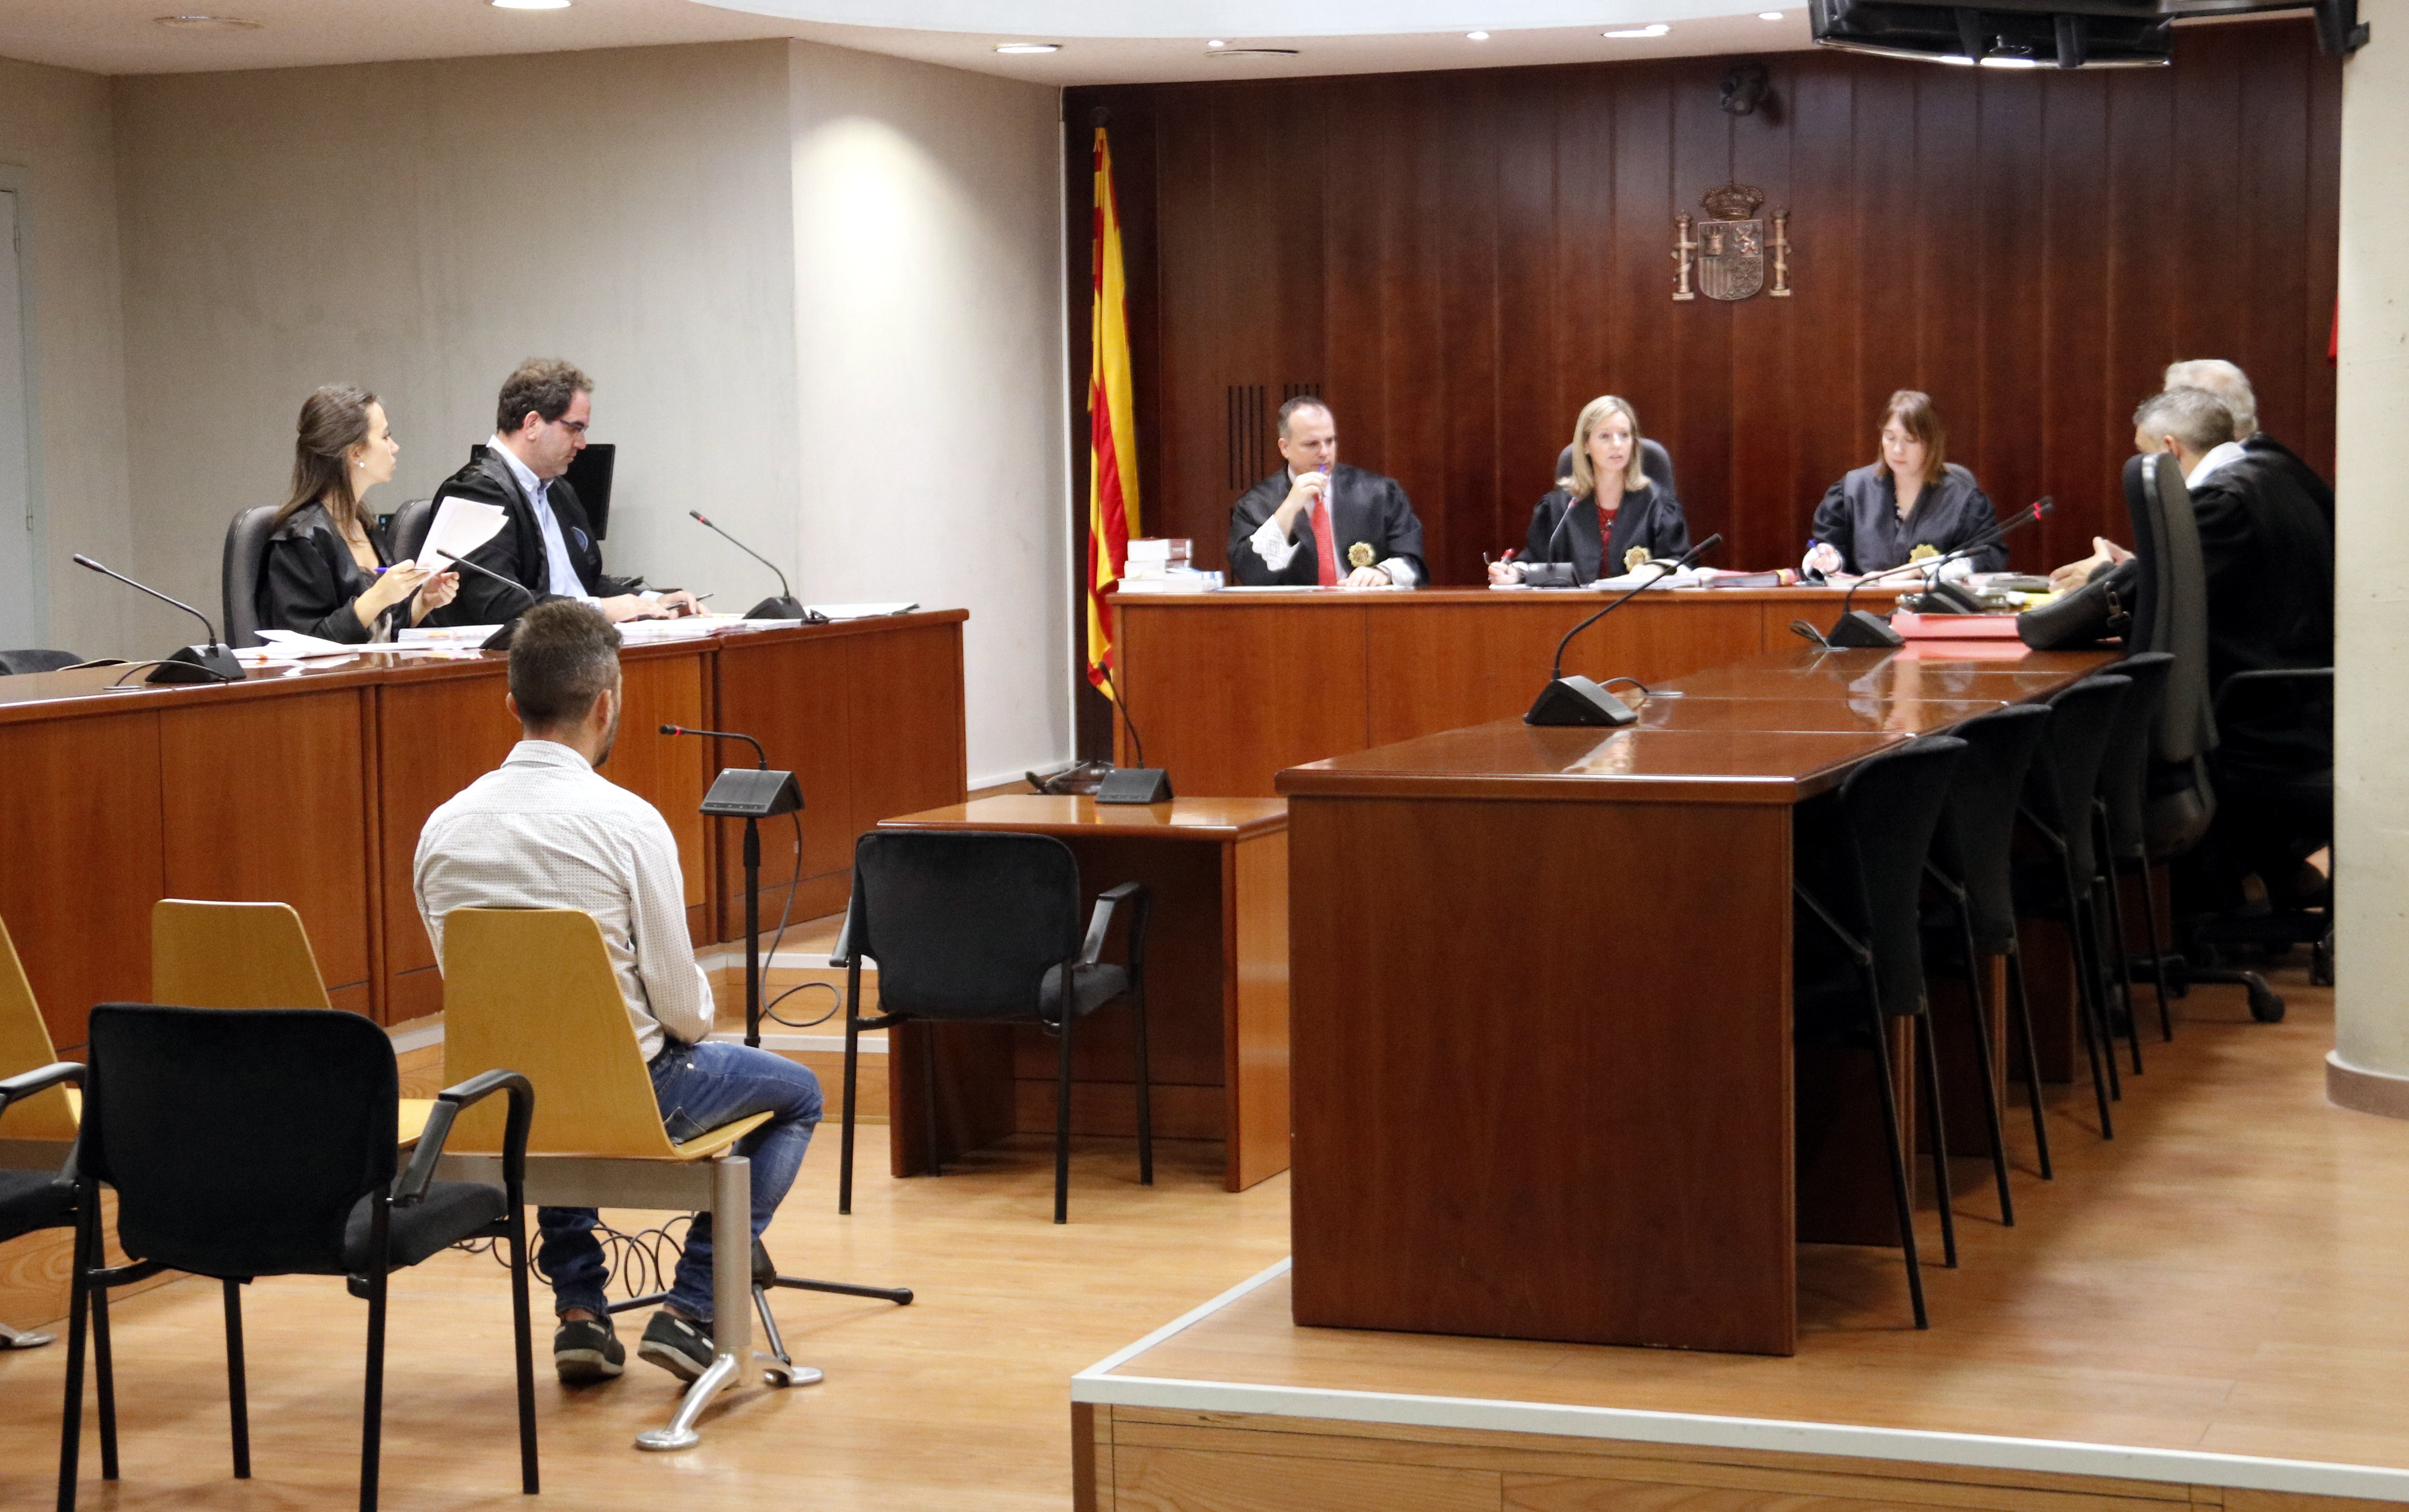 Condemnen a catorze anys i tres mesos de presó l'acusat d'agredir sexualment la seva fillastra a Guissona